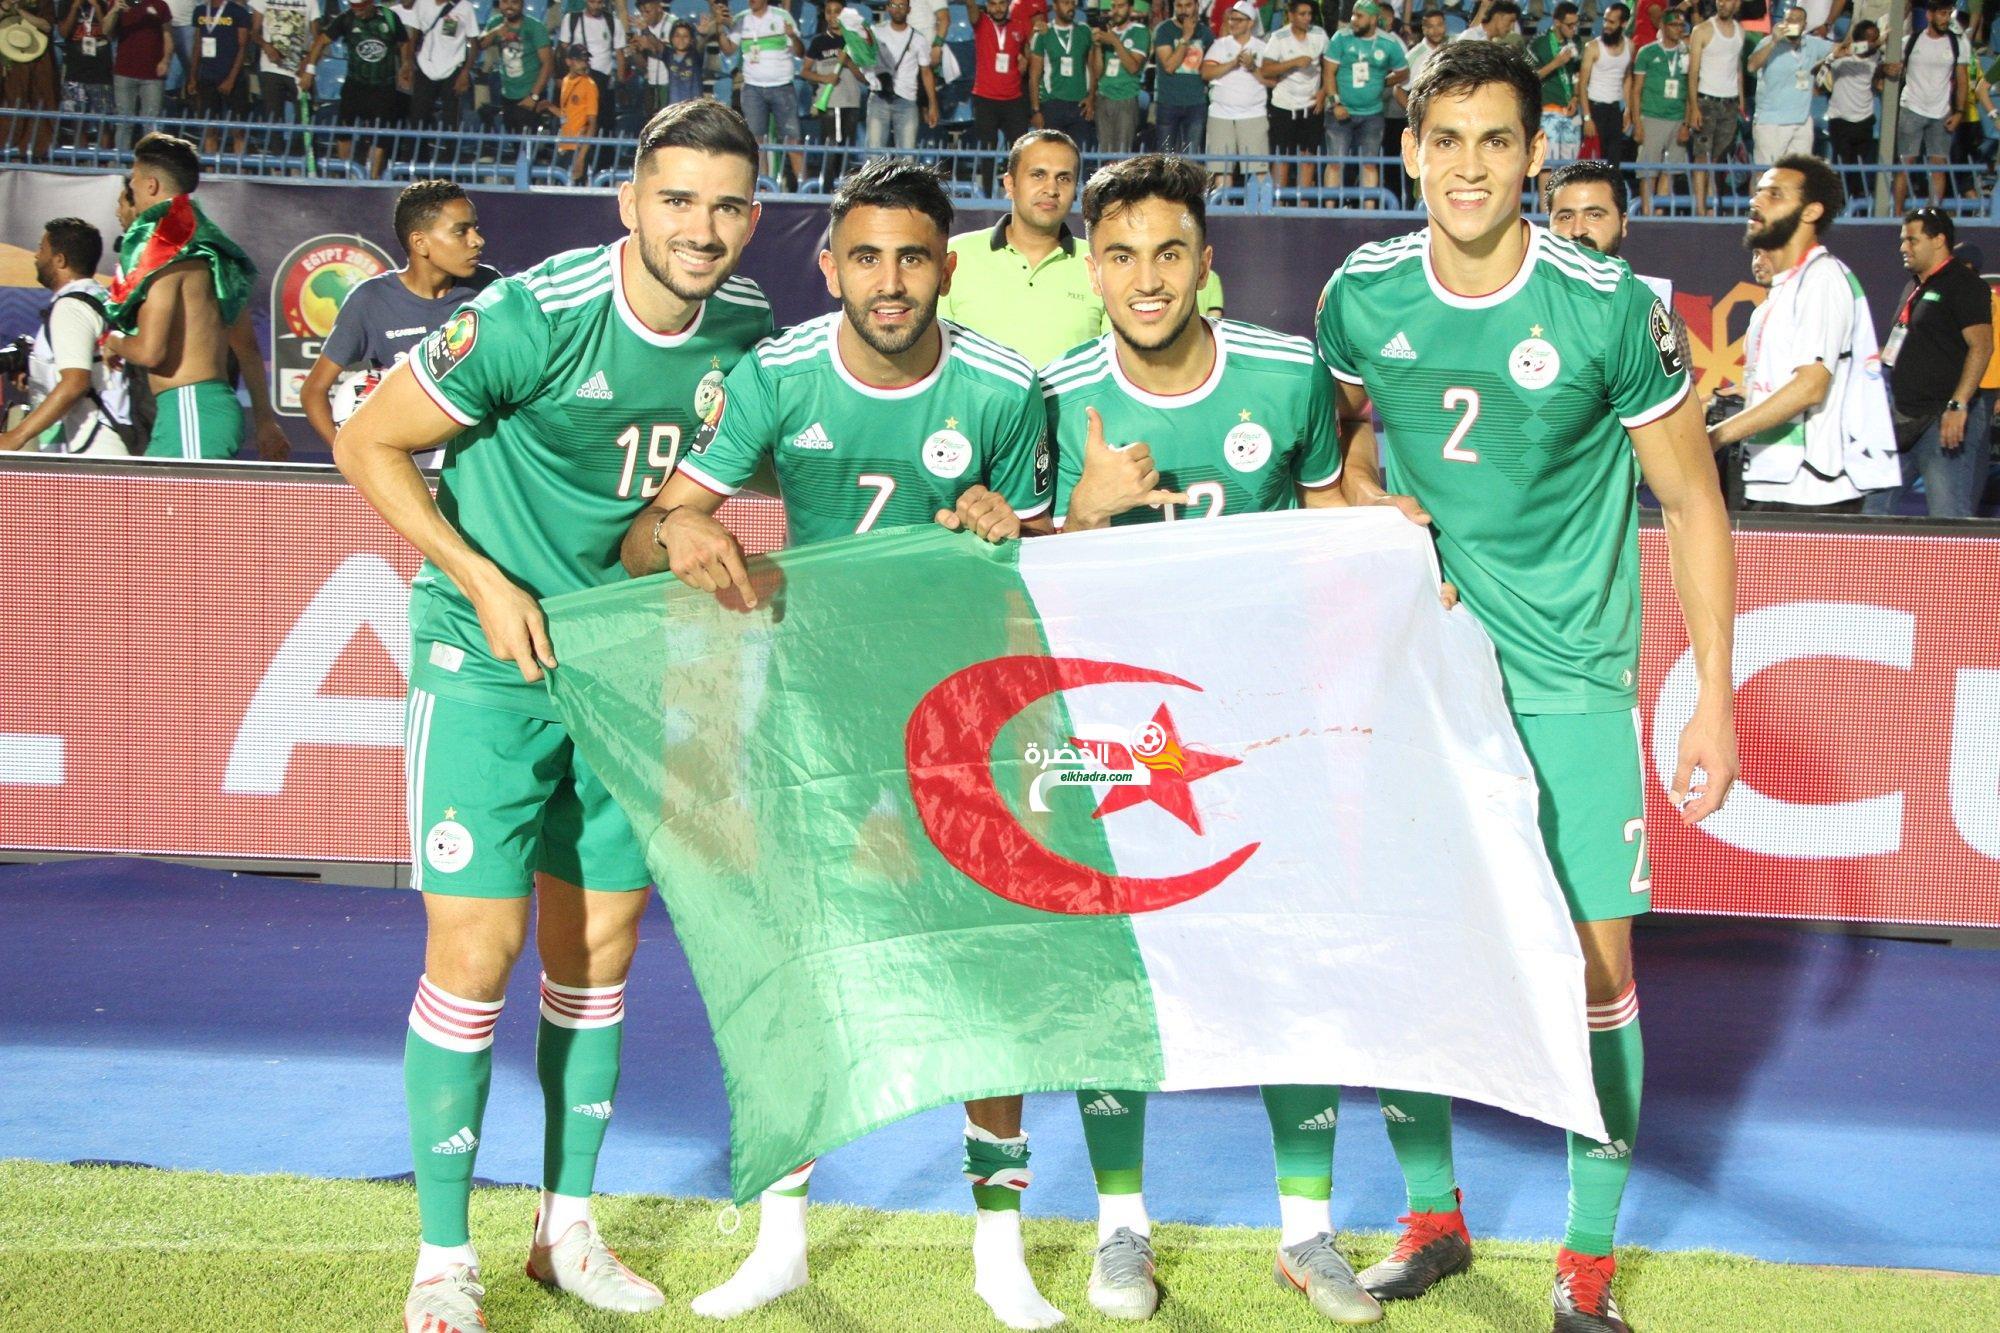 المنتخب الوطني : برنامج تقديم حفل الكأس وتكريم حليش 24